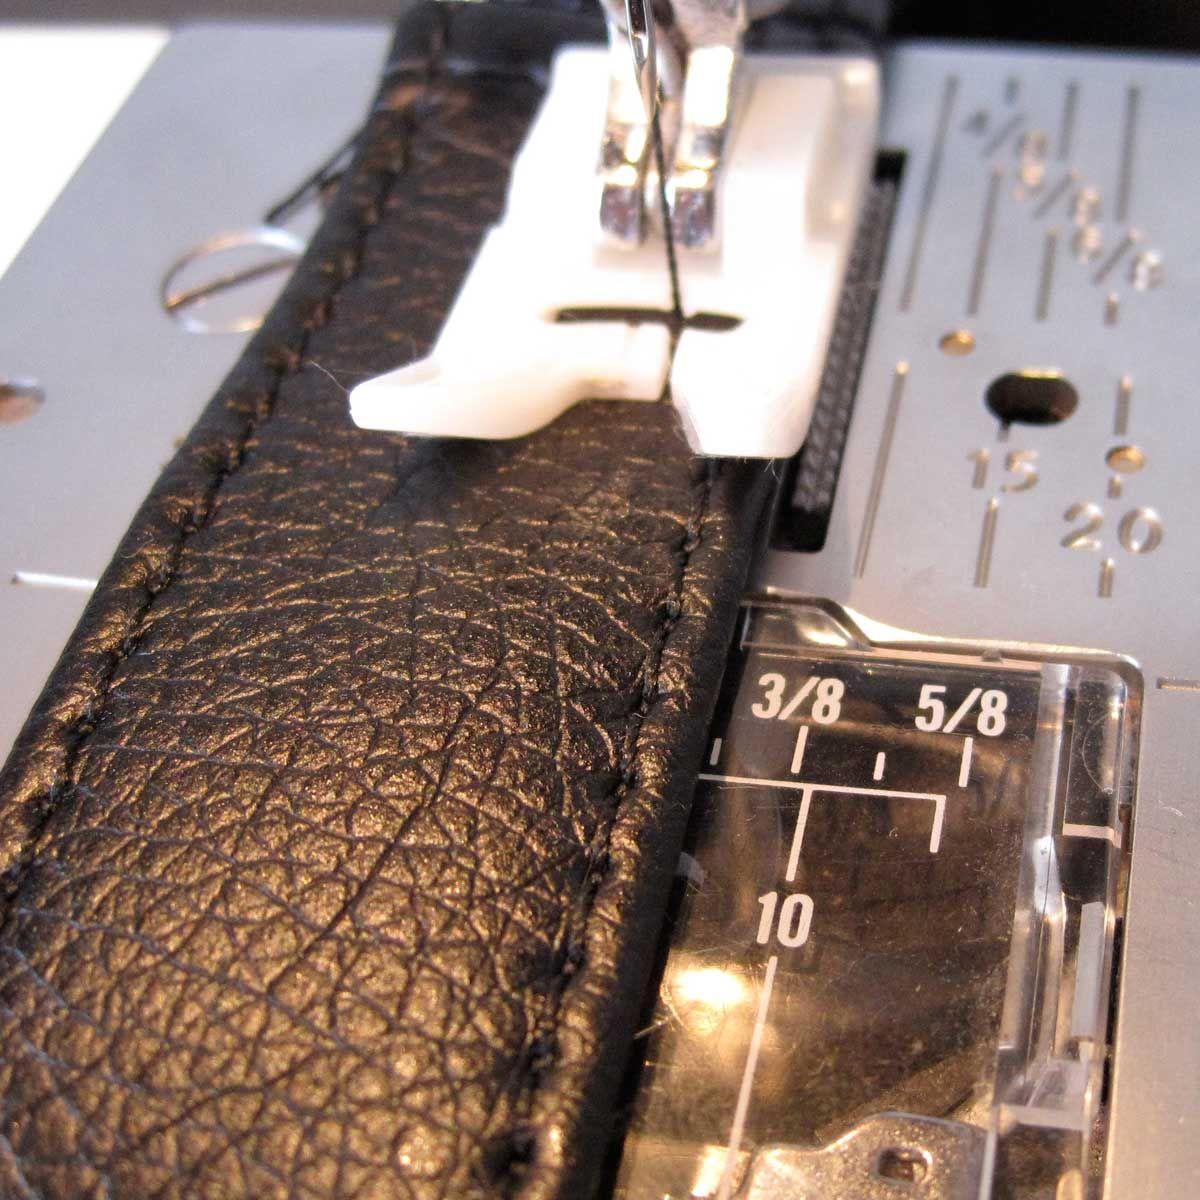 Tuto faire une lani re de sac en simili cuir diy loisirs cr atifs trousses pinterest - Laniere en cuir ...